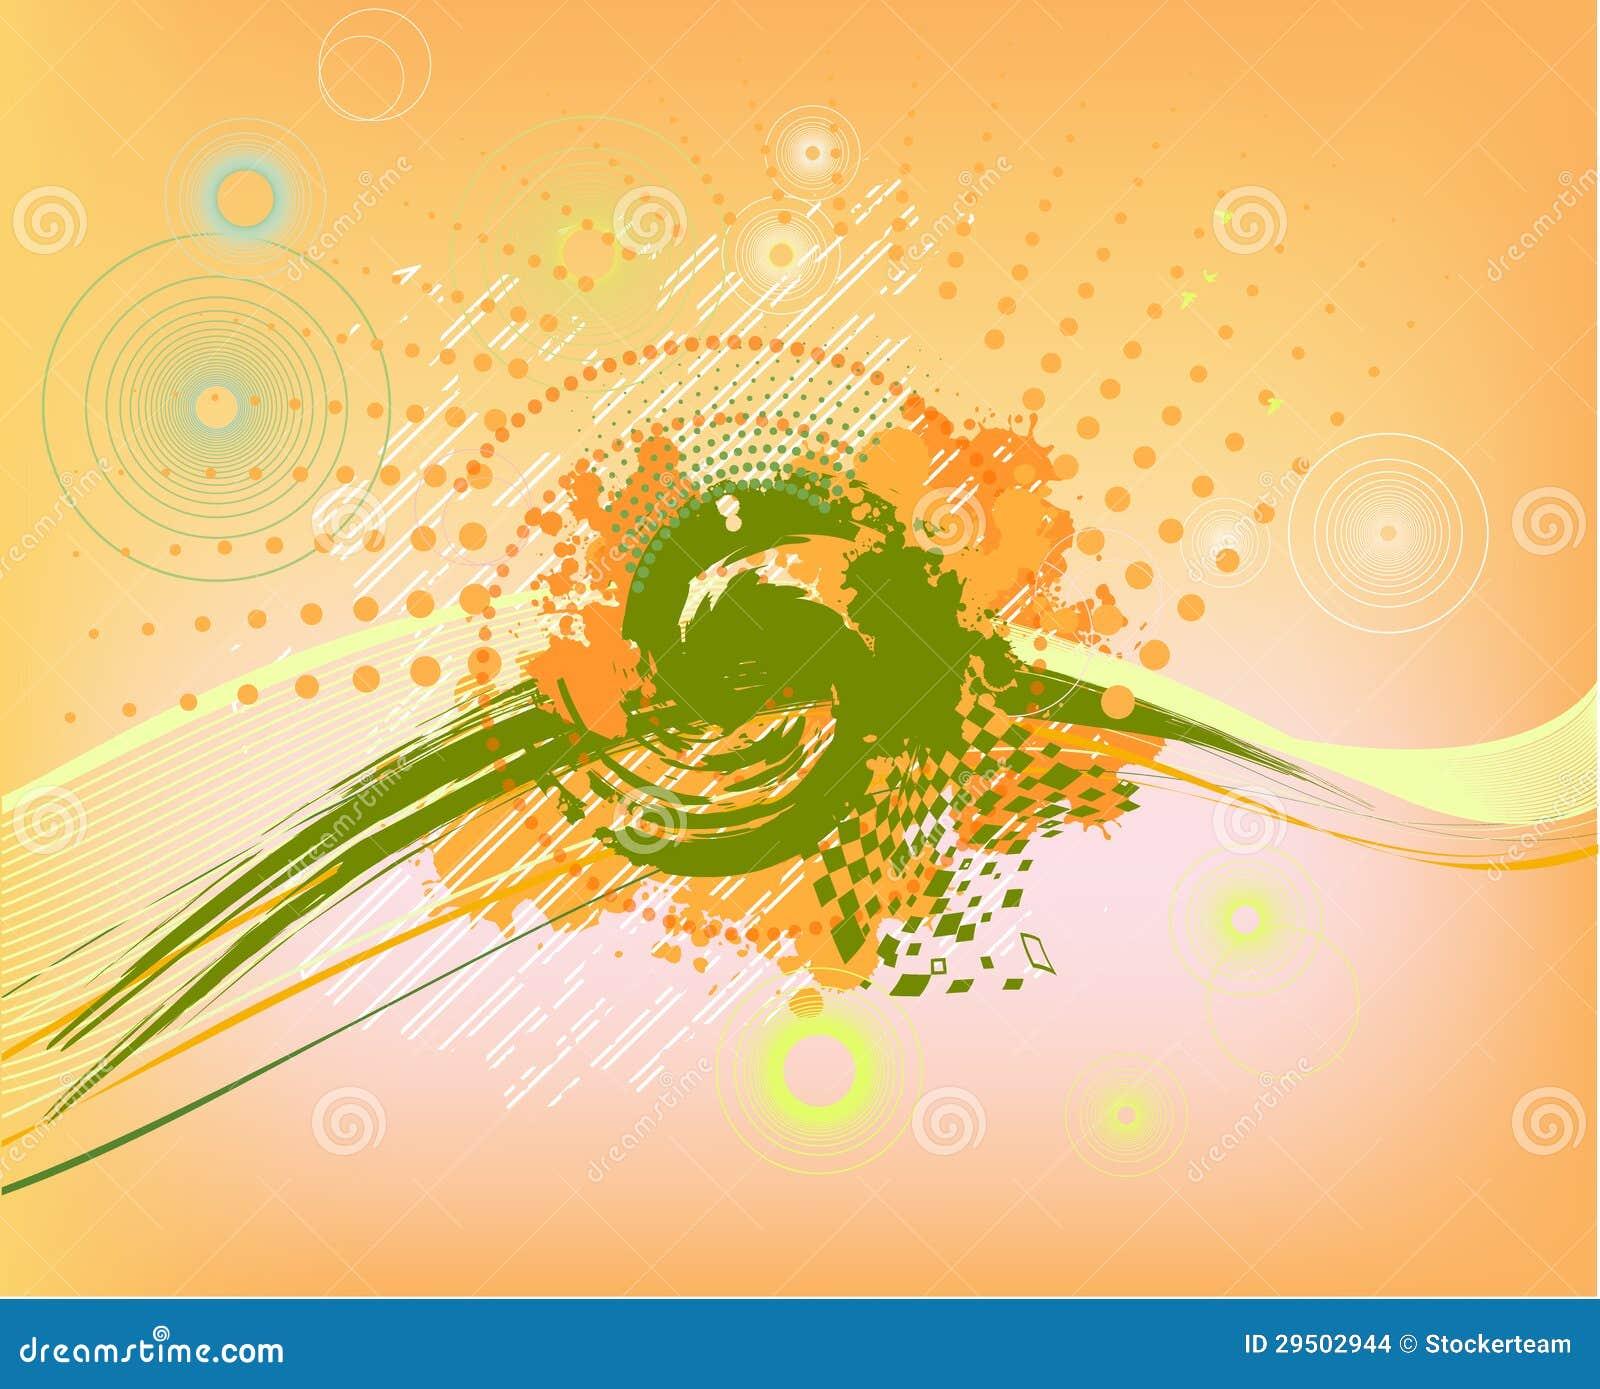 Abstracte kleurrijke achtergrond met punten